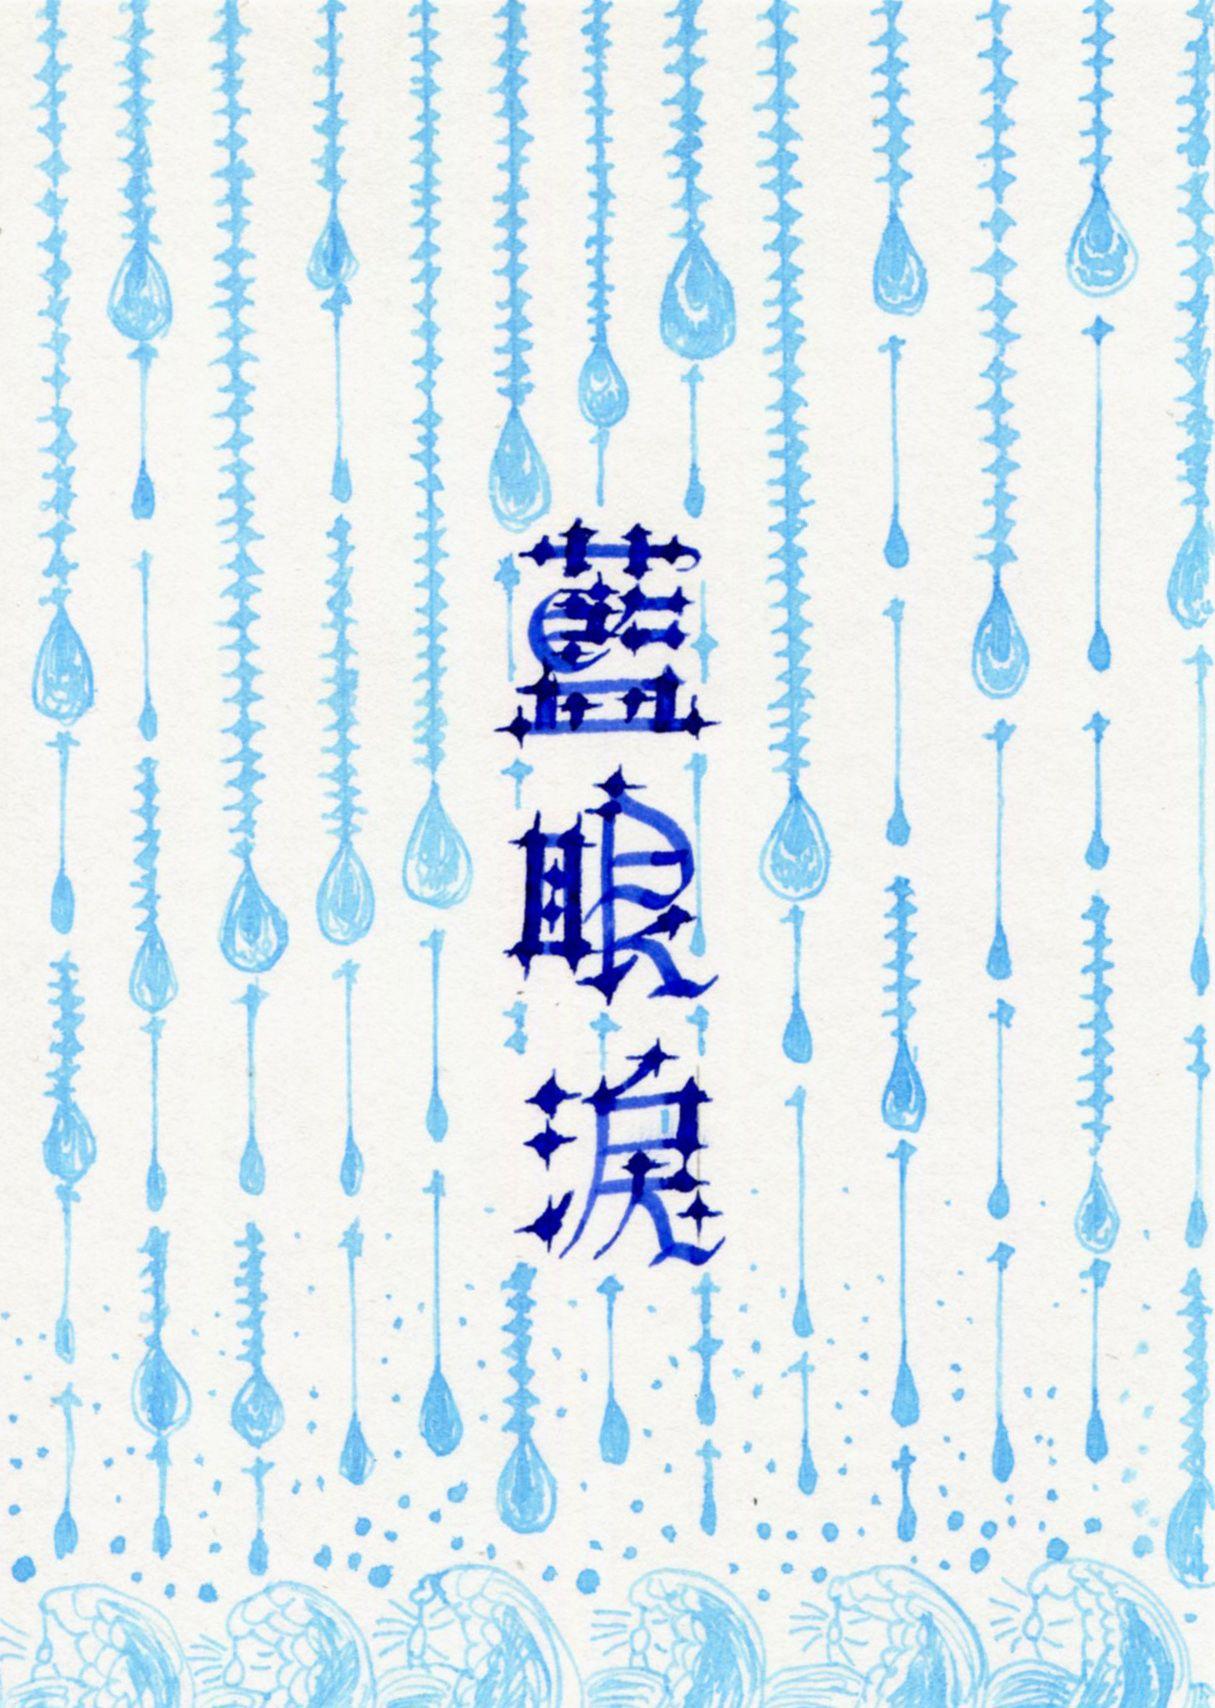 藍眼淚,blue tear.  Calligraphy postcard for SIOU WEN.